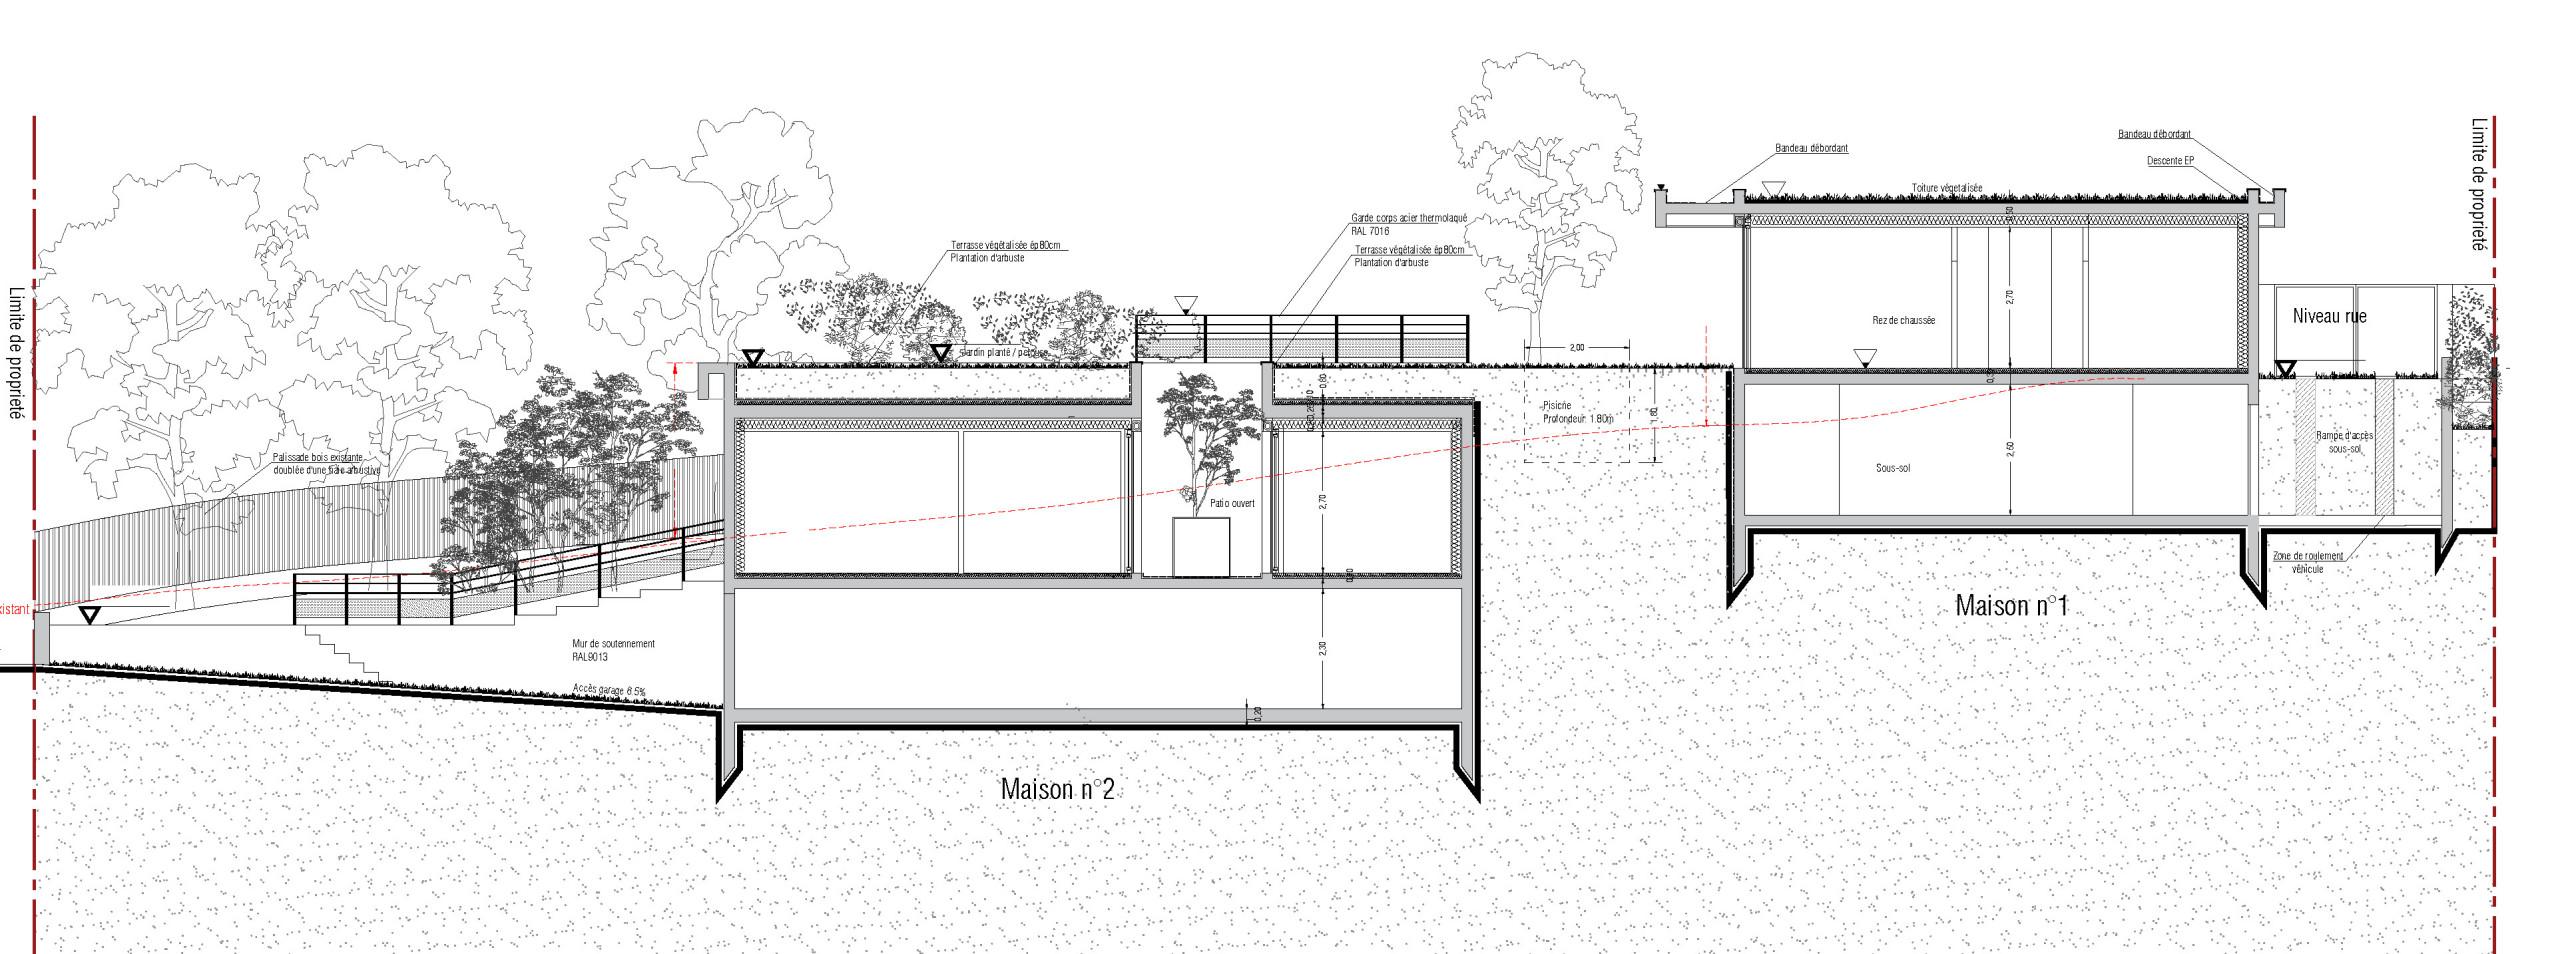 48 - HR - Construction de 2 Maisons - Subtilité de terrain